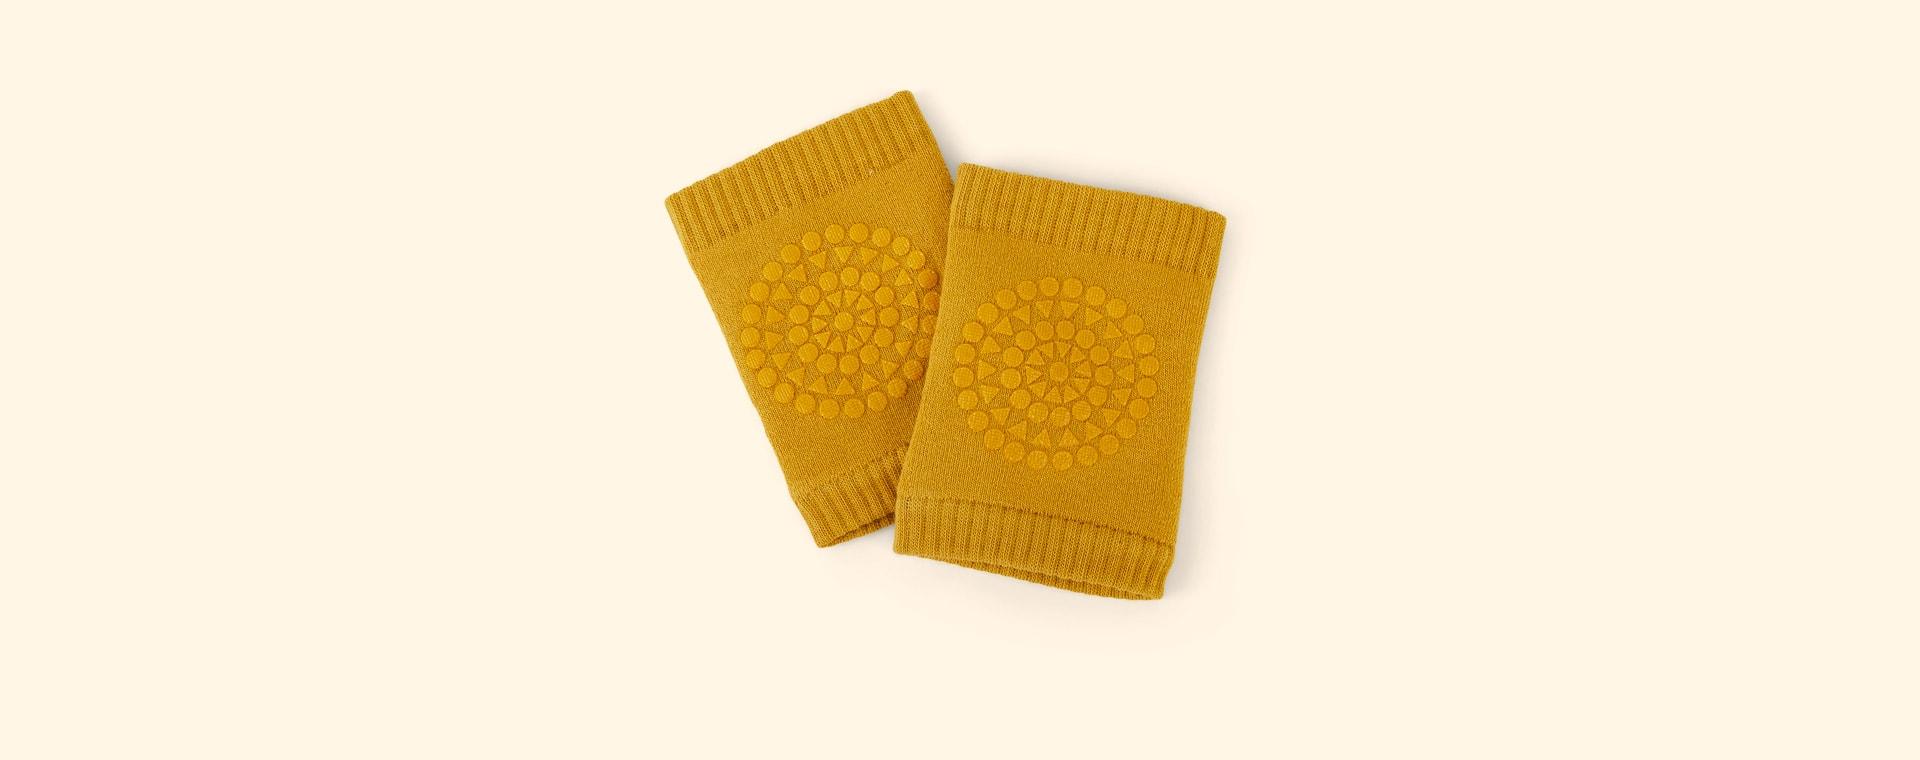 Mustard GoBabyGo Crawling Knee Pads